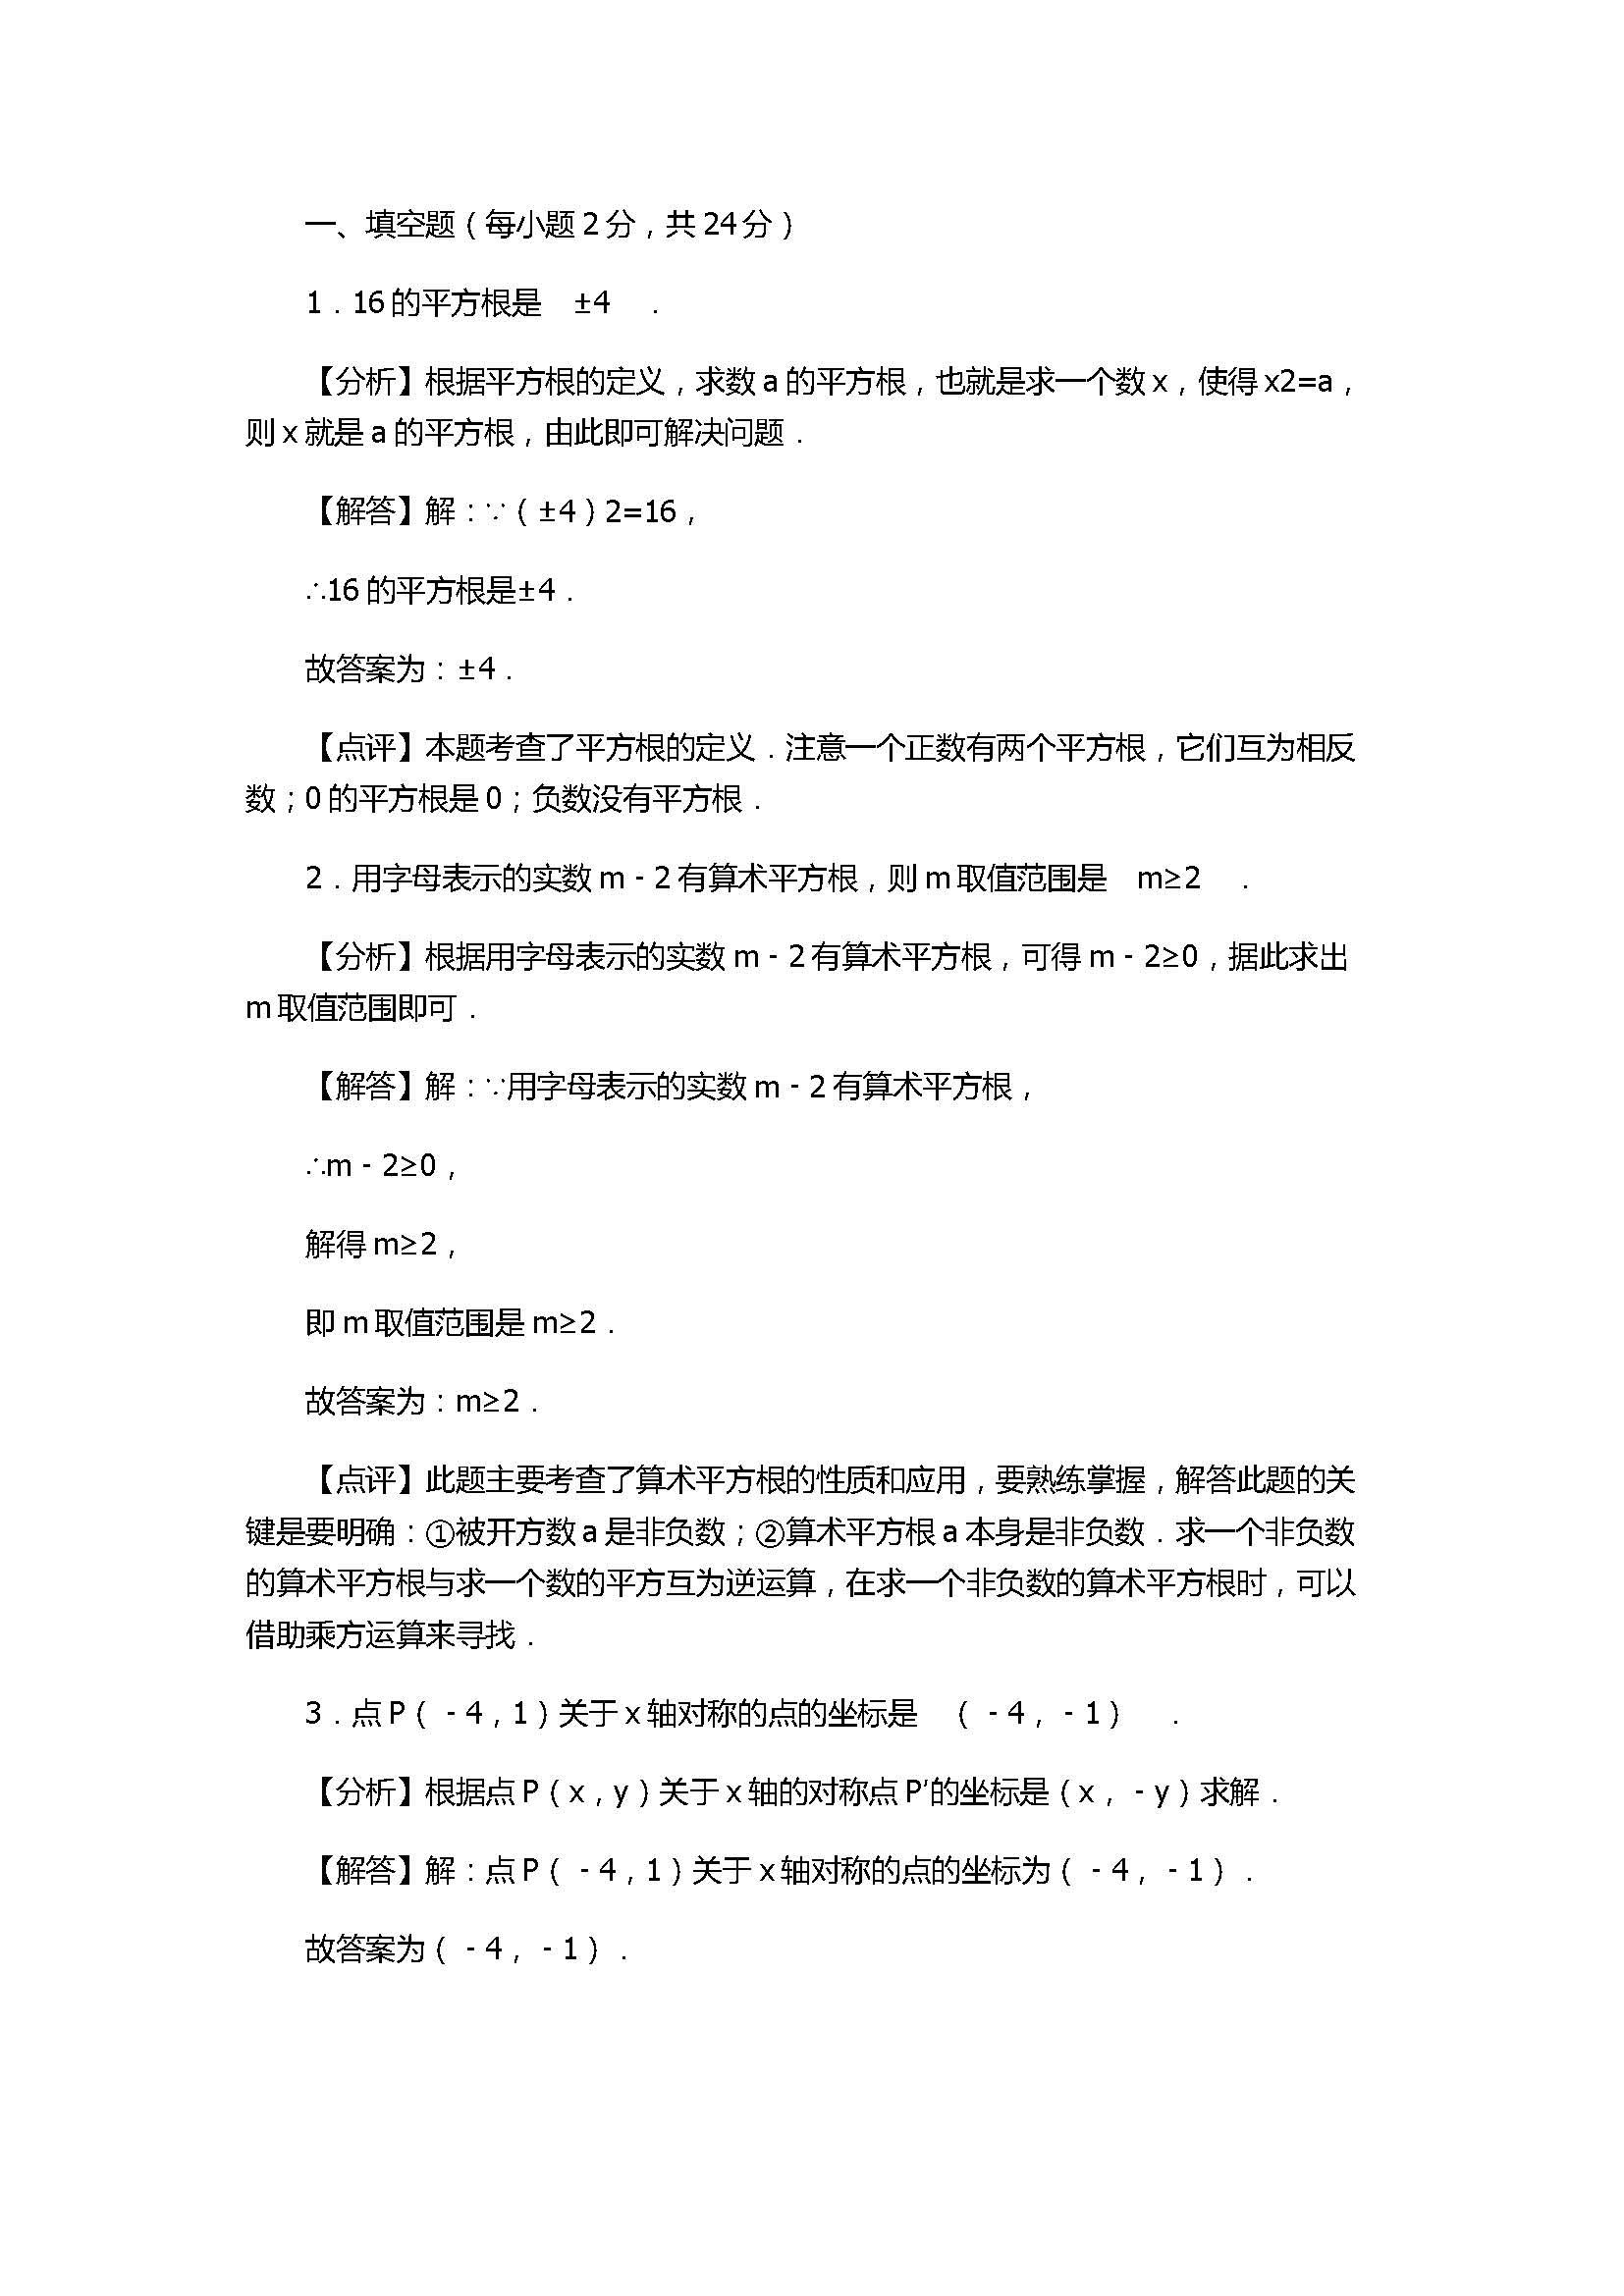 2017八年级数学下册期末试卷附答案和解释(江苏省镇江市句容市)